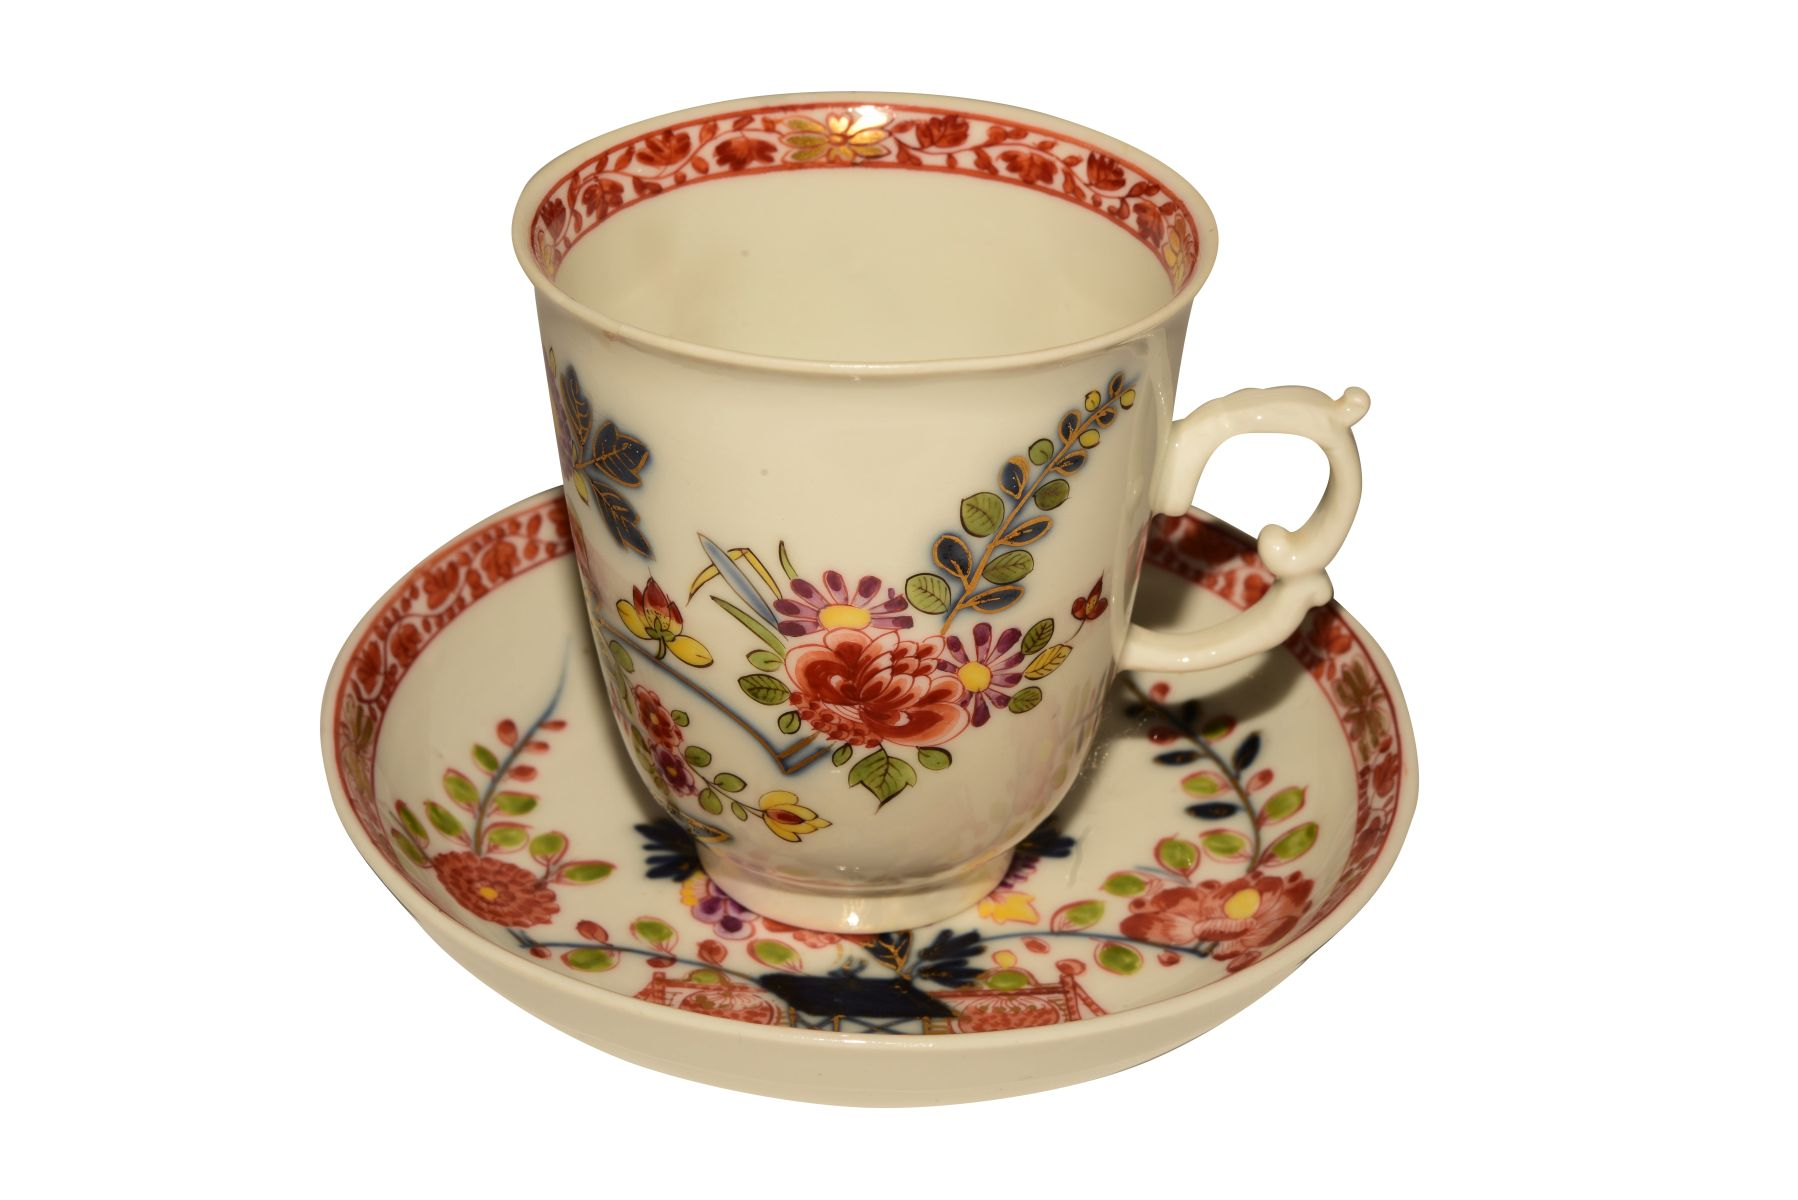 #59 Tall cup and saucer, Meissen 1740 | Hohe Tasse mit Untertasse, Meissen 1740 Image